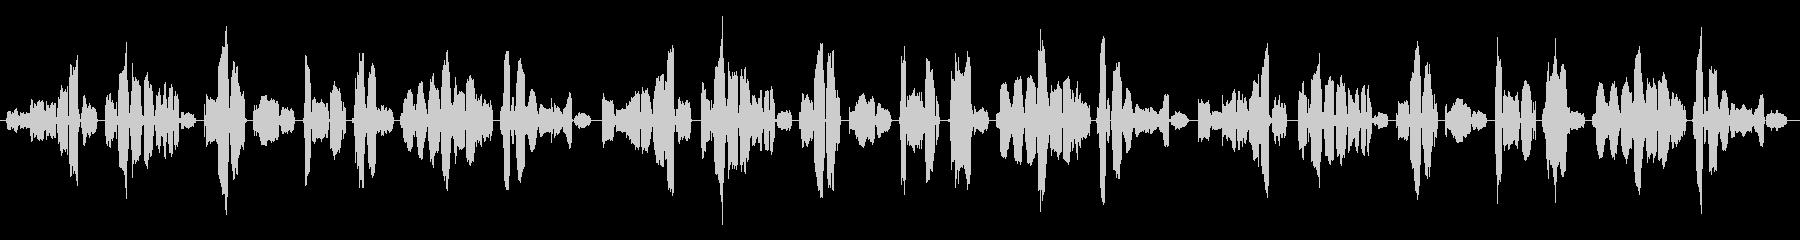 アメリカ人の女性セミプロ歌手がABCソ…の未再生の波形